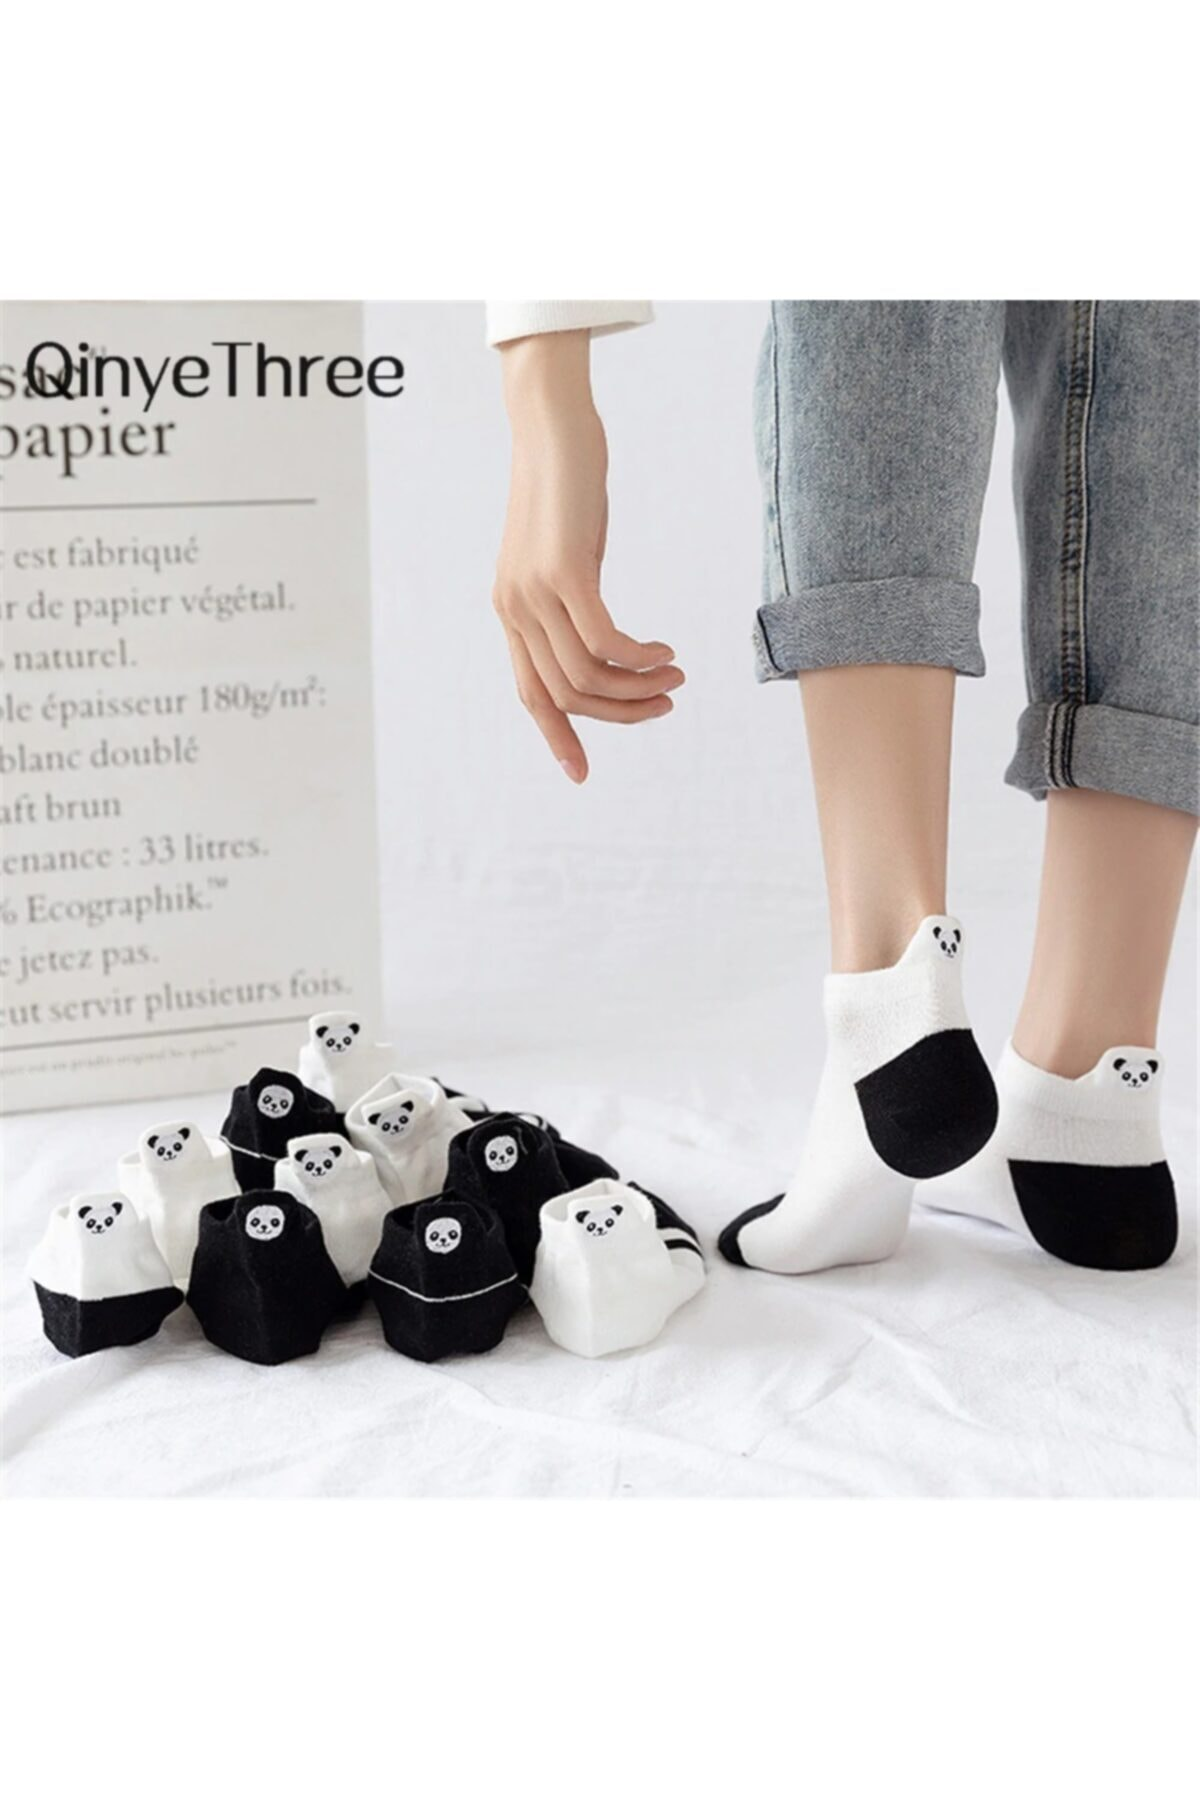 çorapmanya Kadın 5 Çift Siyah ve Beyaz Panda Desenli Nakışlı Patik Çorap